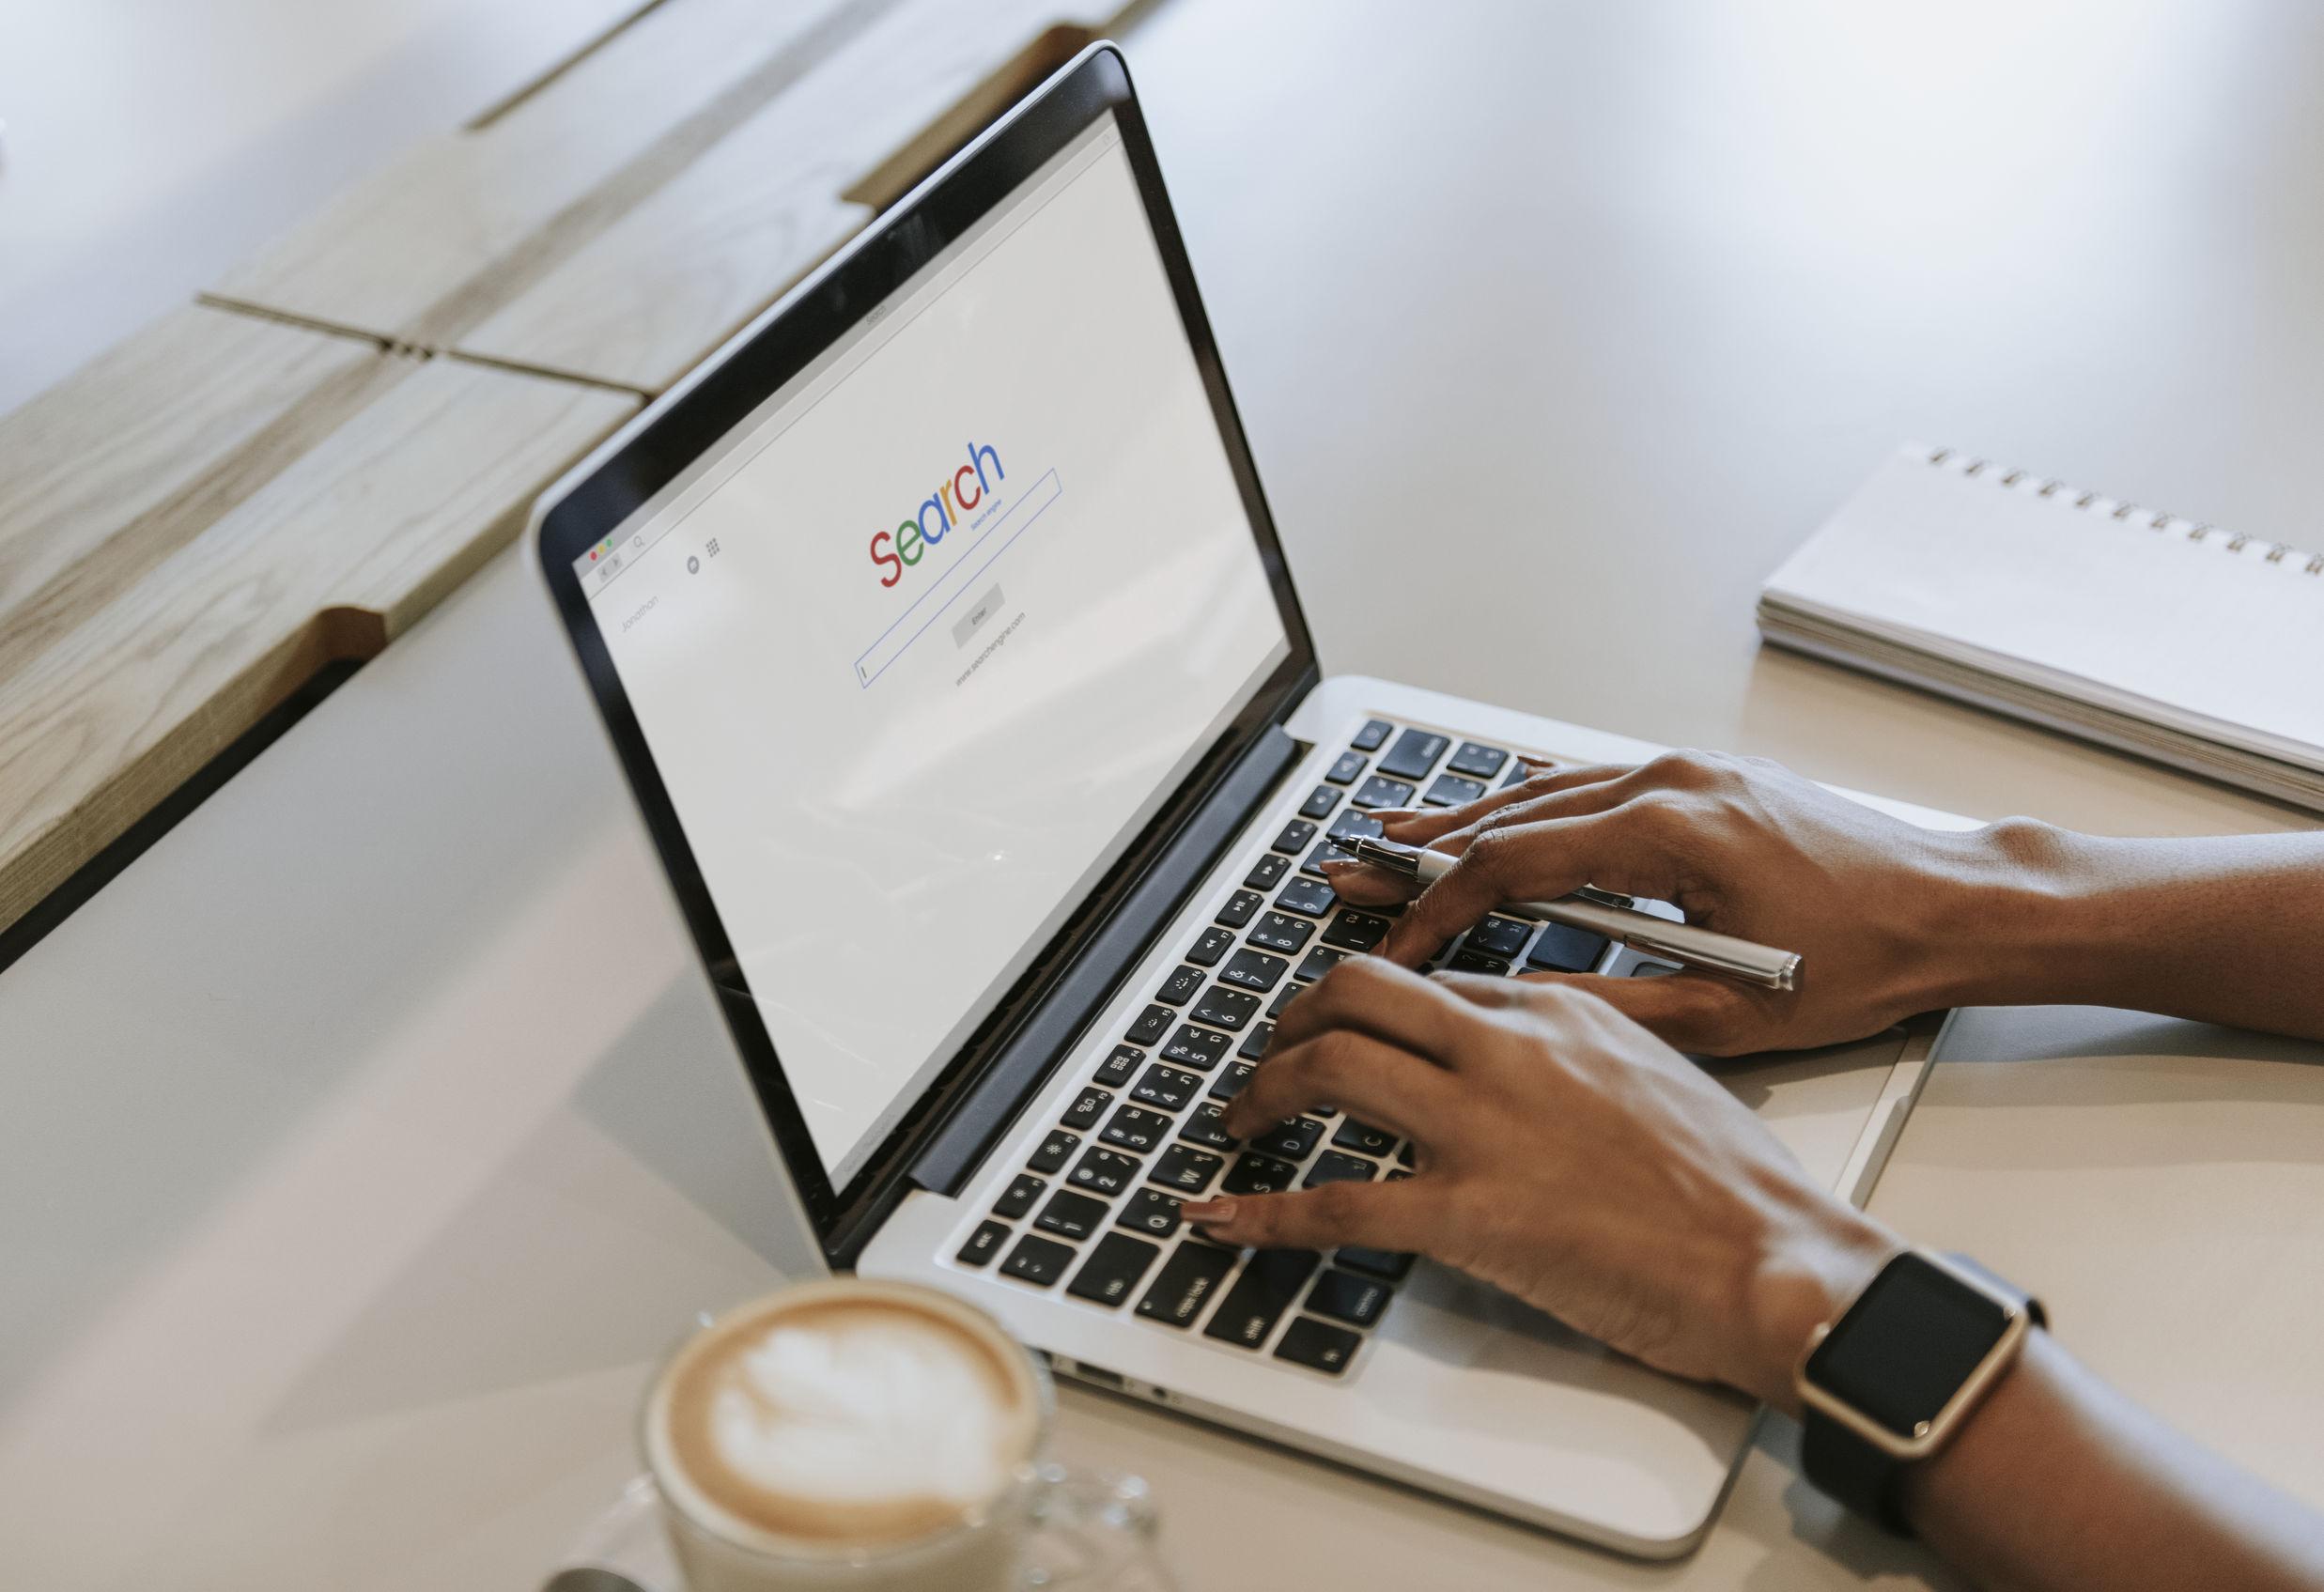 persona trabajando en laptop con smartwatch